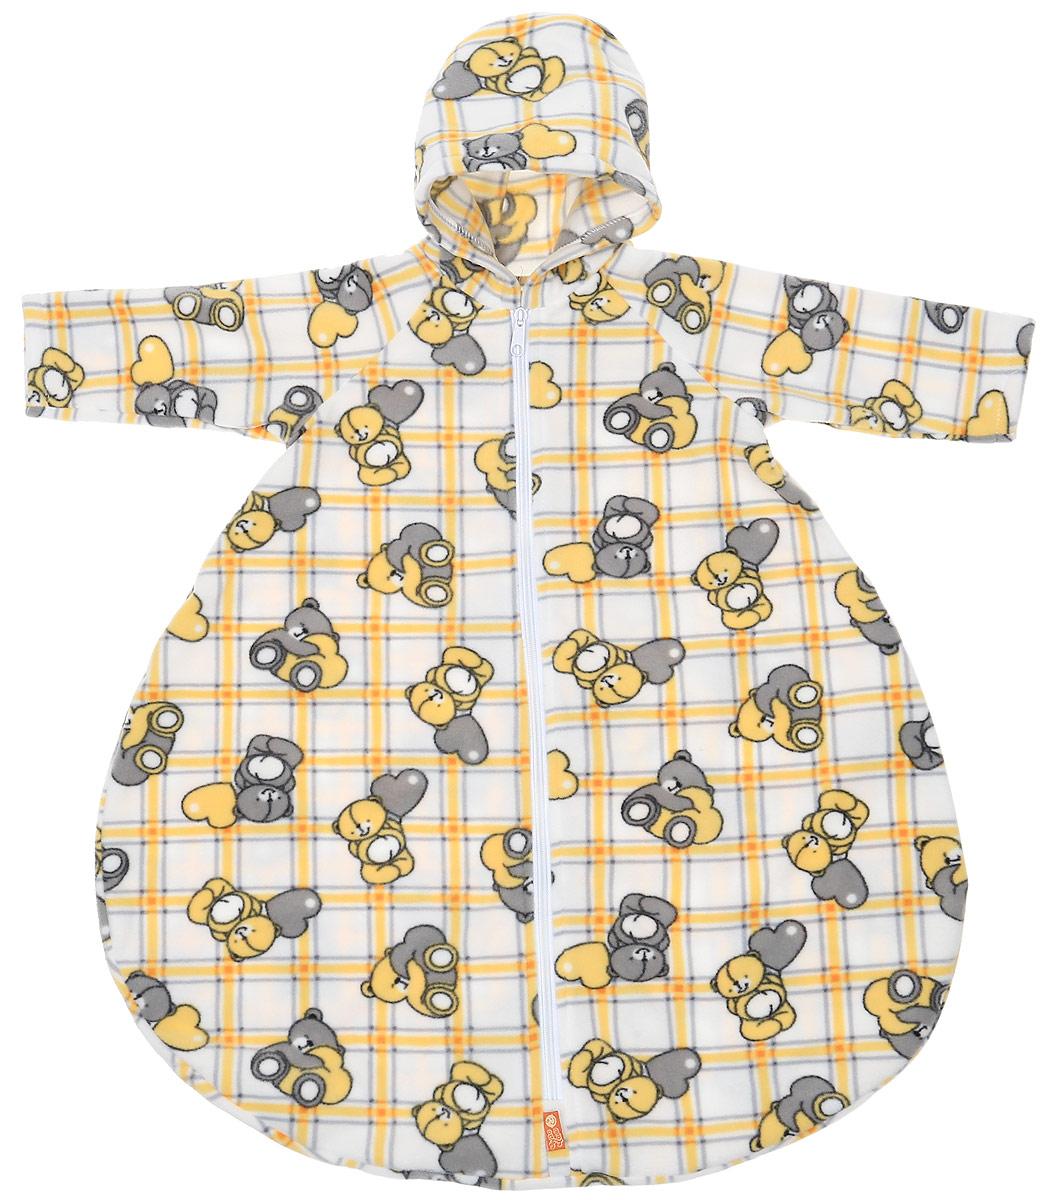 Конверт для новорожденного Чудо-Чадо БыстрОдежка Колокольчик, цвет: белый, желтый, серый. КРК04-001. Размер 74КРК04-001Детский конверт Чудо-Чадо БыстрОдежка Колокольчик станет отличным дополнением к гардеробу ребенка. Выполненный из мягкого флиса - 100% полиэстера, он очень приятный на ощупь, не вызывает аллергию, быстро сохнет, не растягивается и не садится, выдерживает многократные стирки, не теряя мягкости и насыщенности цветов. Модель с капюшоном и рукавами-реглан спереди застегивается на пластиковую молнию и дополнительно снабжена внутренней планкой. Застежка-молния до самого низа делает процесс переодевания очень простым и быстрым. Изделие не сковывает свободу маленьких ножек и дает возможность малышу активно работать ручками - а это очень важно для развития. Оформлена модель принтом в клетку и изображением медвежат. Конверт подойдет при выписке из роддома в теплое время года, а также может использоваться на прогулке, как самостоятельный конверт или дополнительный утепляющий слой к зимнему конверту, как спальный конвертик. В таком конверте ребенку будет тепло, уютно и комфортно!